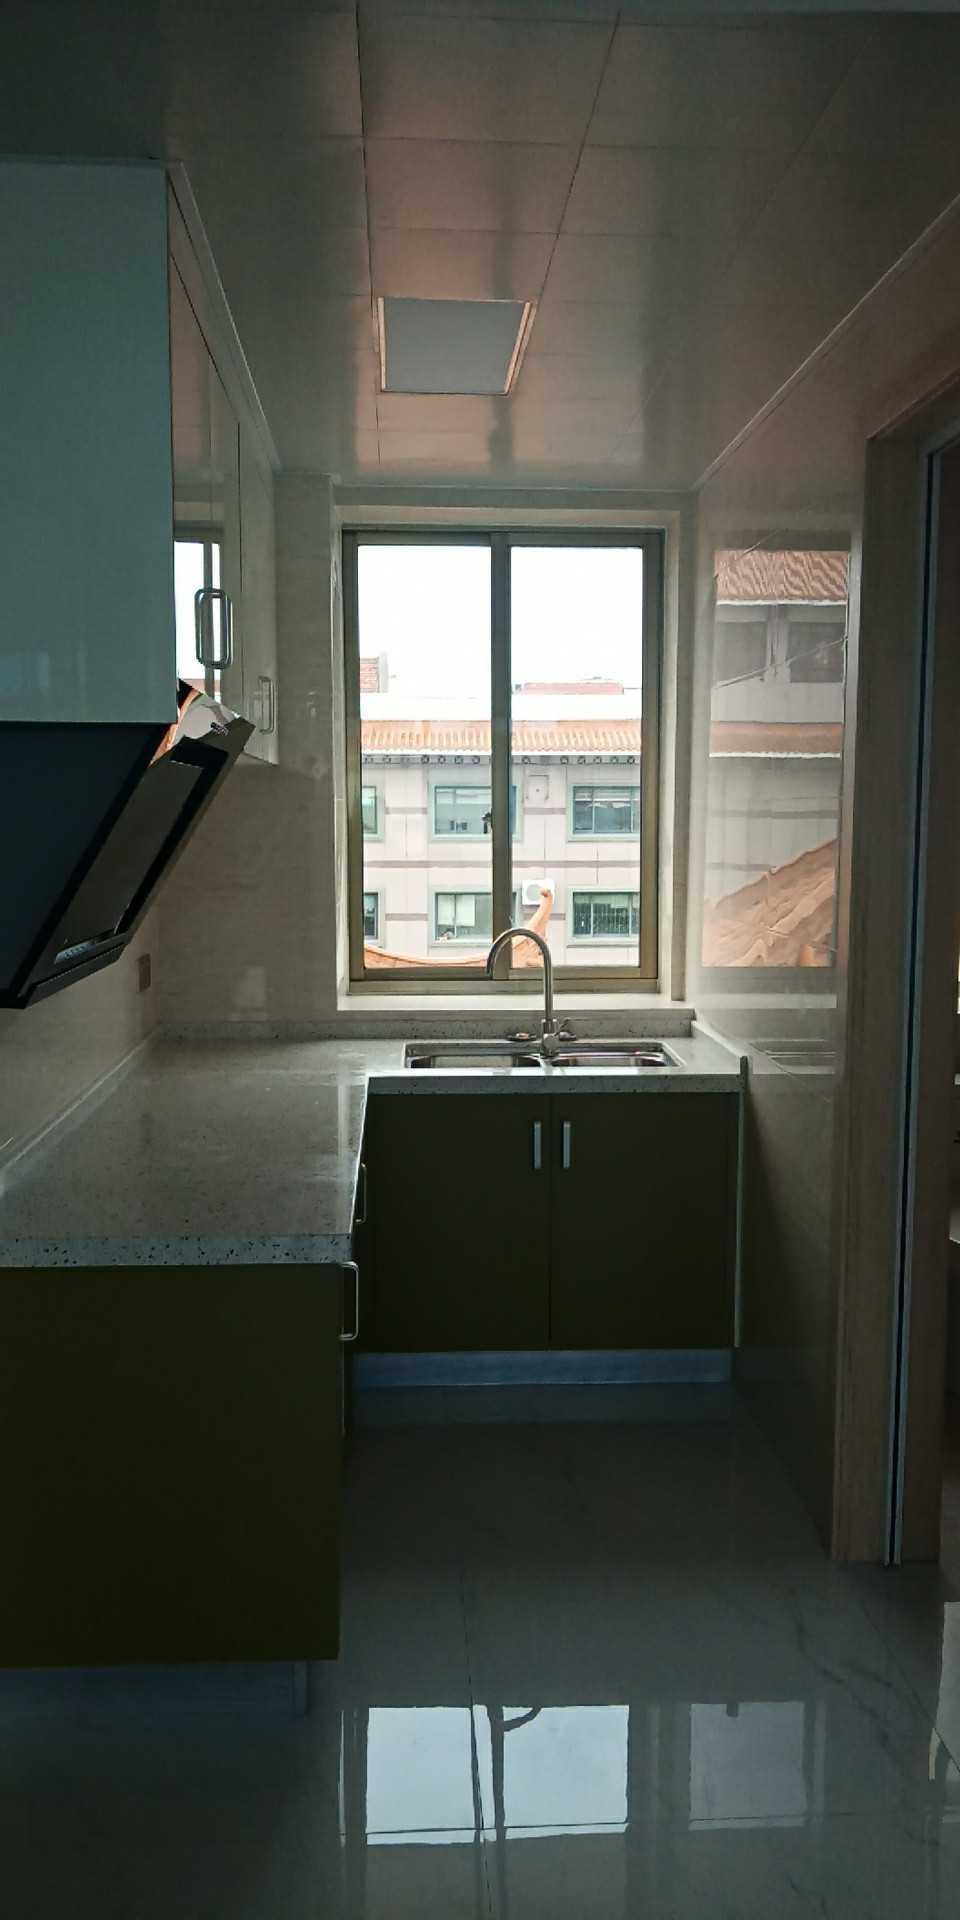 06131出售北直街艺术村对面5楼,60平方,两室两厅一厨一卫,全新现代装修,车棚一个,,城北小学城关中学,46.8万的实拍照片